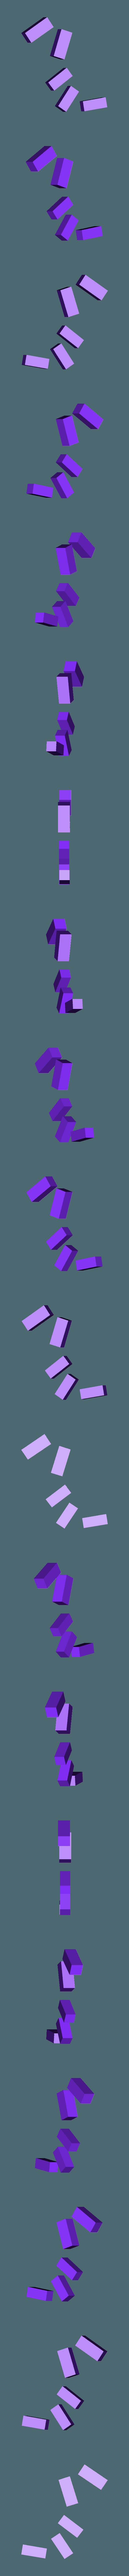 Catan_-_Bricks.stl Télécharger fichier STL gratuit Jeu complet de carreaux Catan - Buse simple, multicouches multicolores • Objet pour impression 3D, Hardcore3D